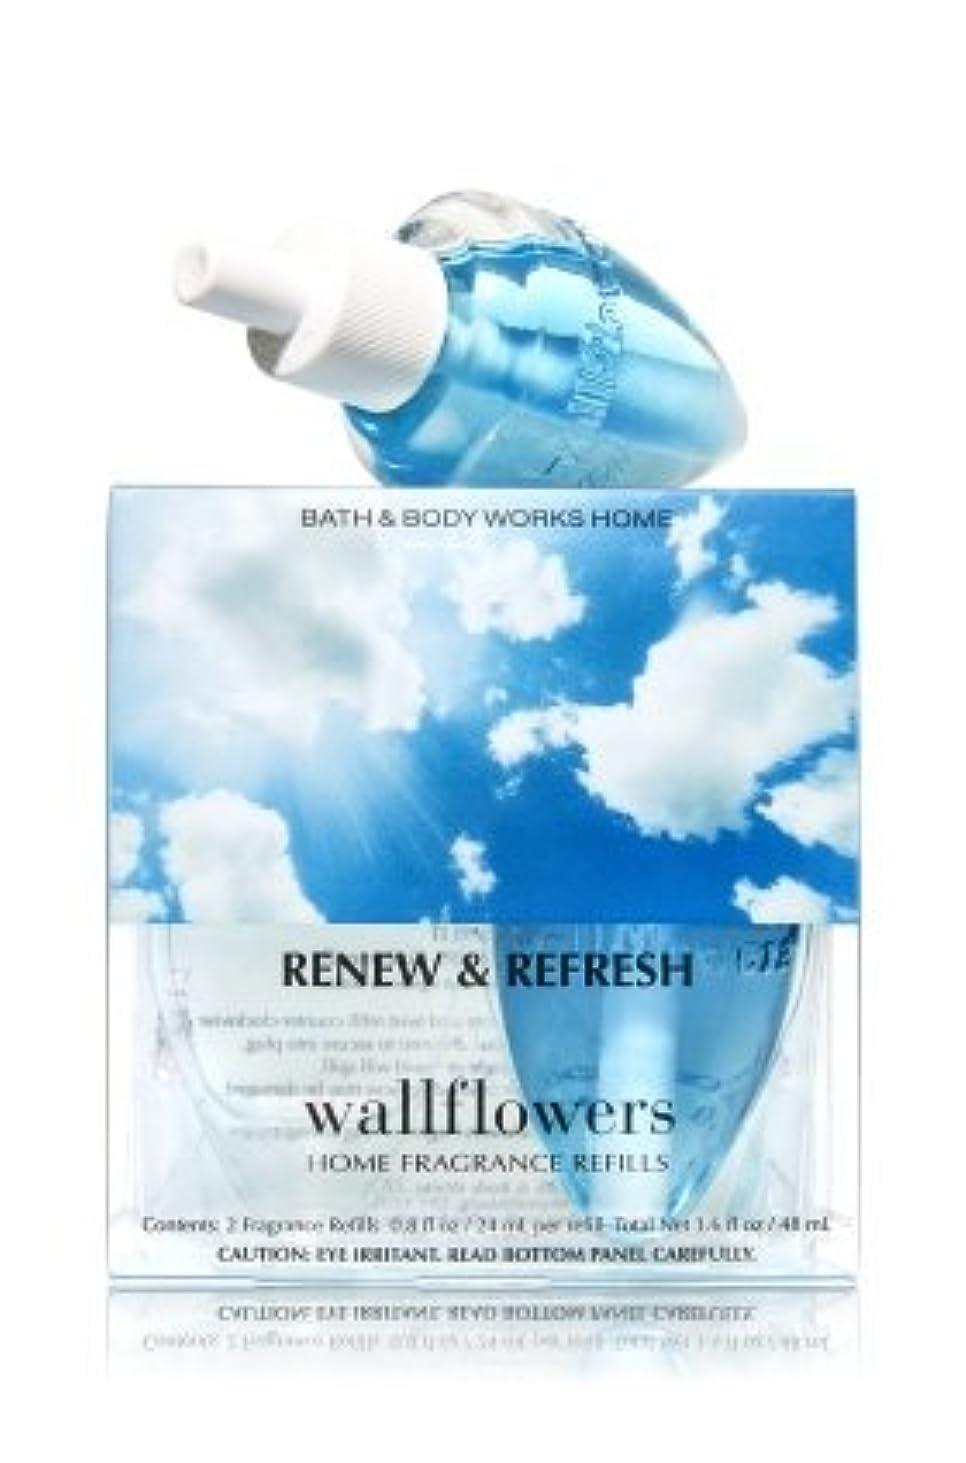 温室父方の運命的な【Bath&Body Works/バス&ボディワークス】 ホームフレグランス 詰替えリフィル(2個入り) リニュー&リフレッシュ Wallflowers Home Fragrance 2-Pack Refills Renew & Refresh [並行輸入品]